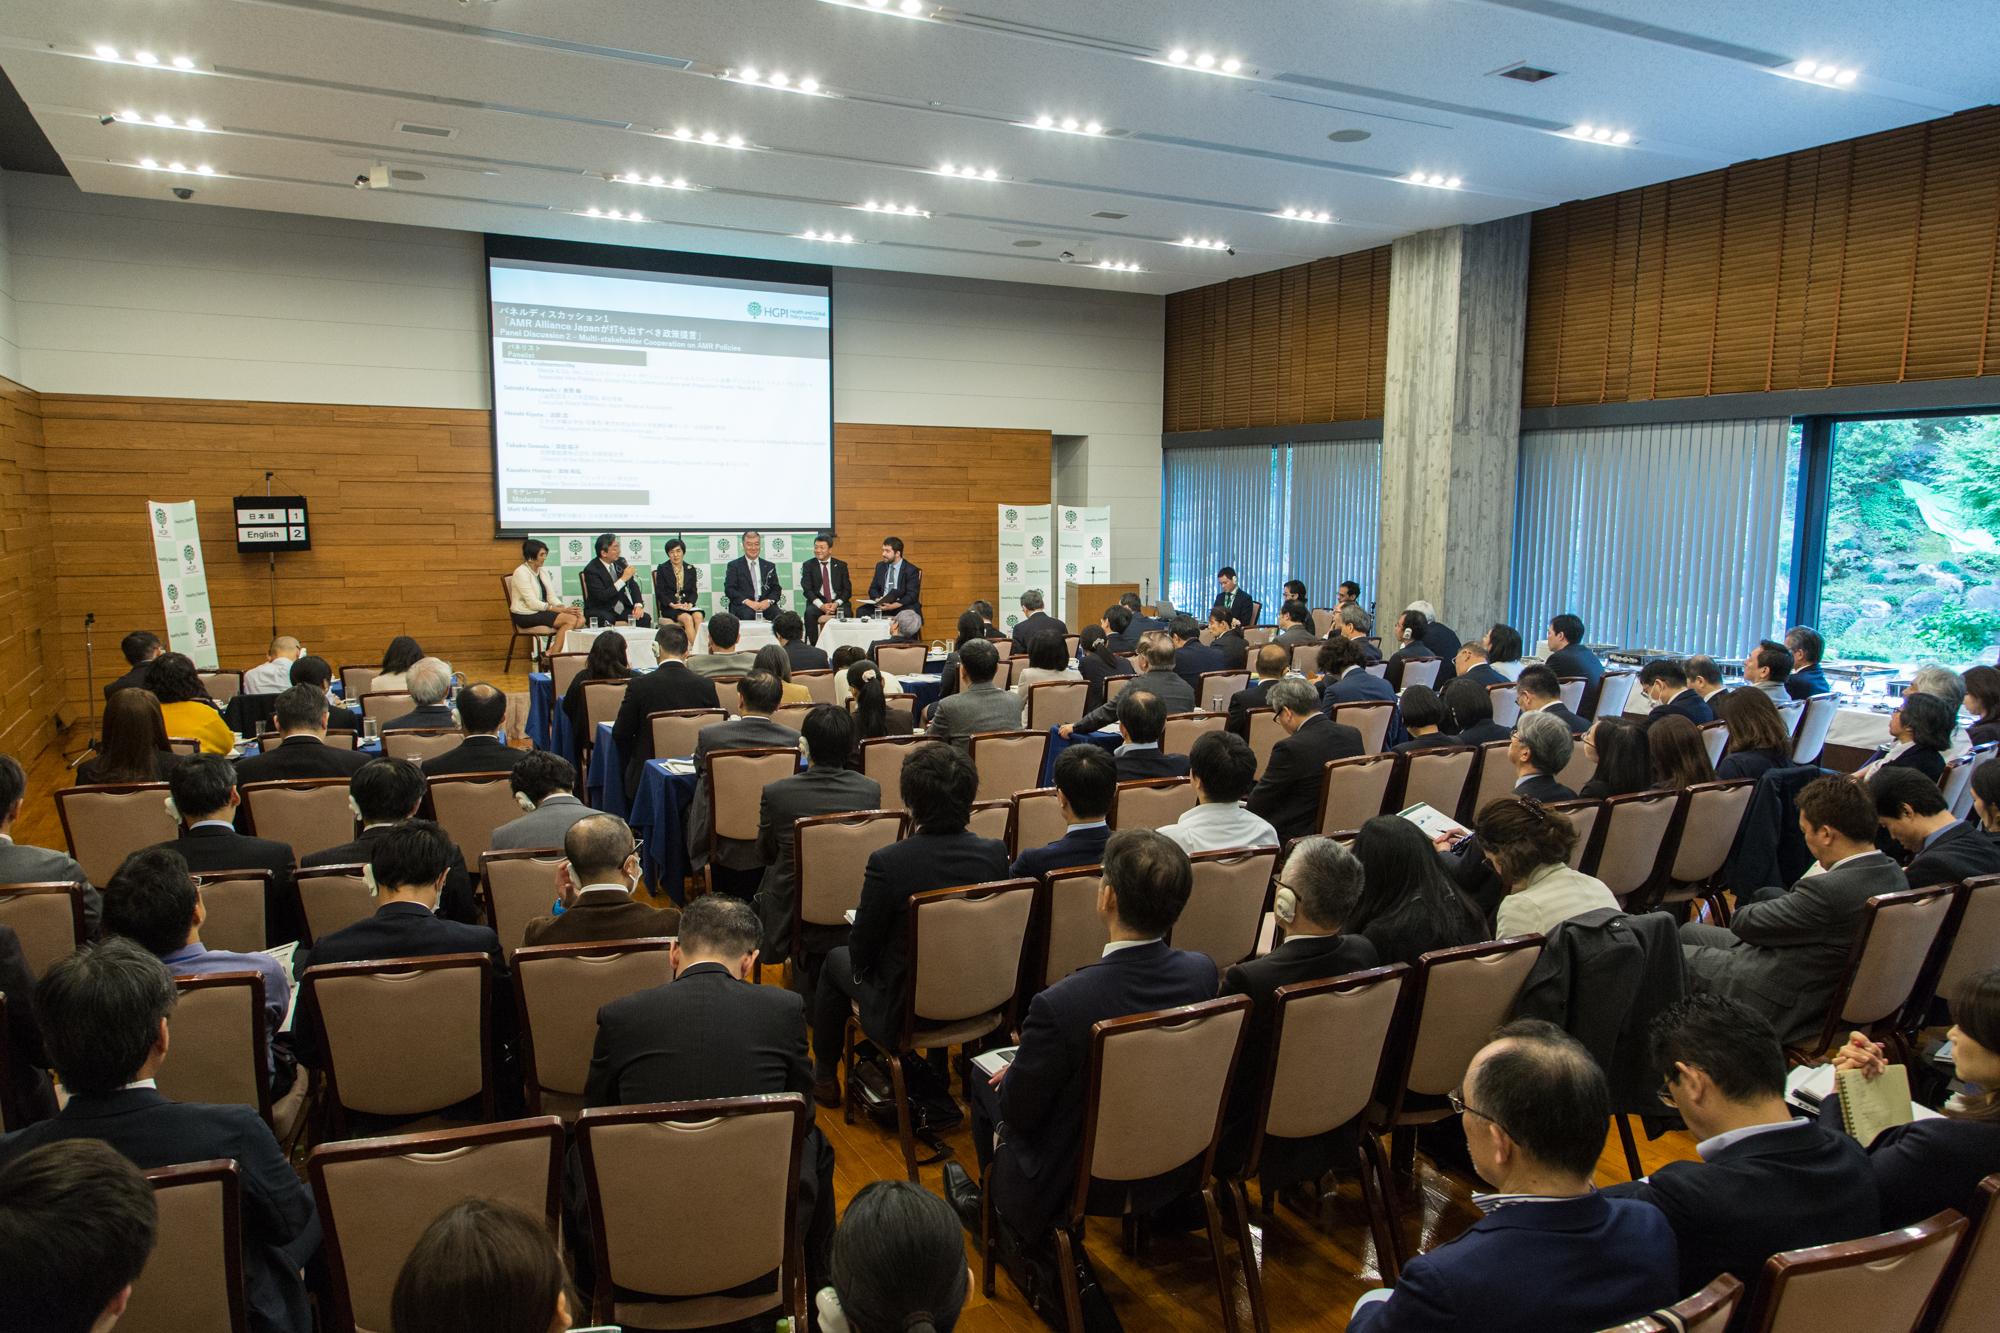 【開催報告】「AMR アライアンス・ジャパン」設立記念 グローバル専門家会合 (2018年11月08日)